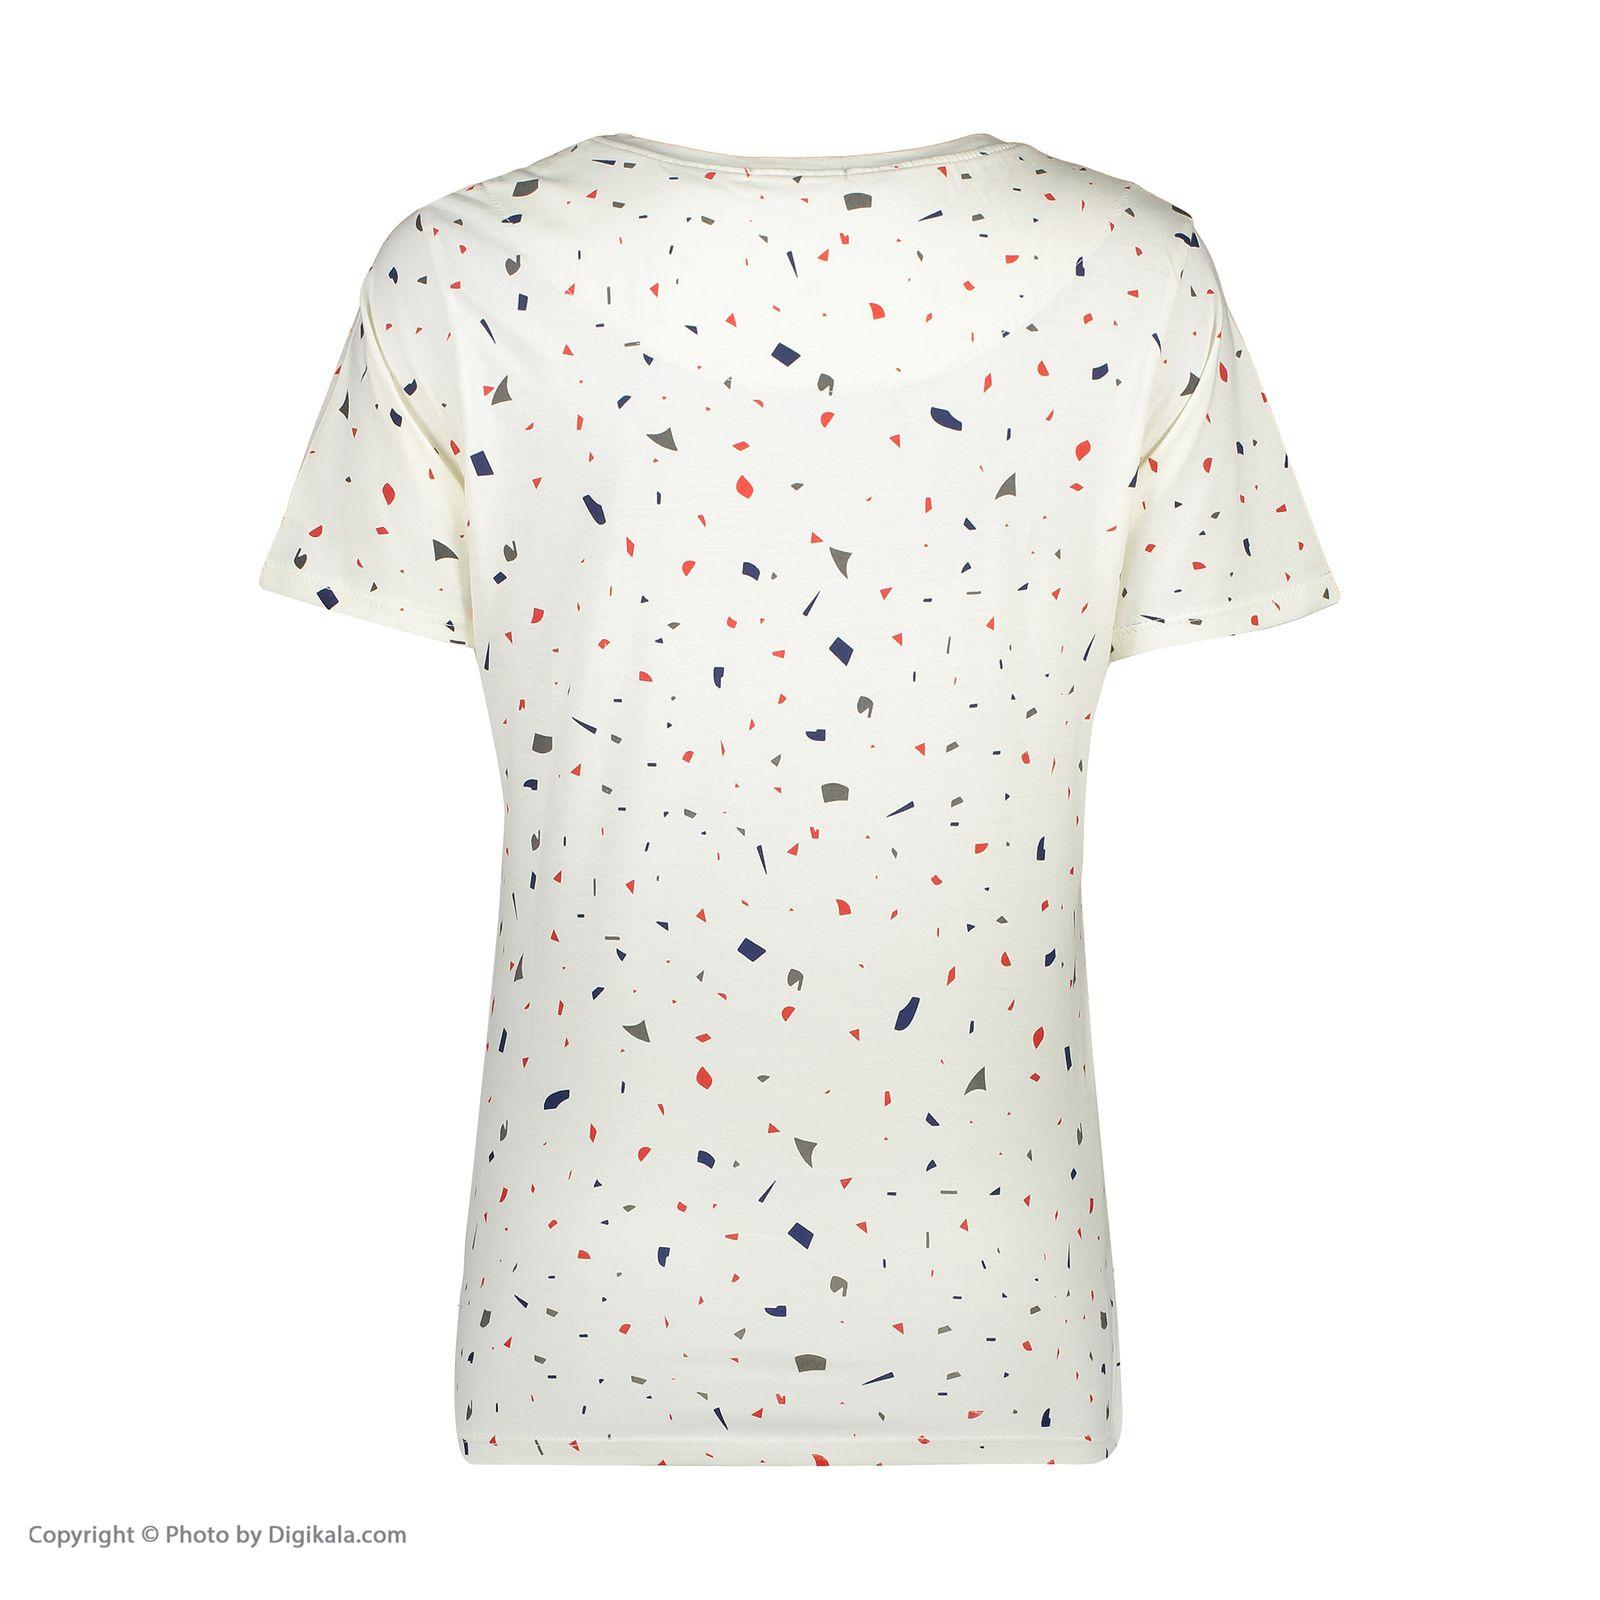 ست تی شرت و شلوارک راحتی زنانه مادر مدل 2041103-66 -  - 5